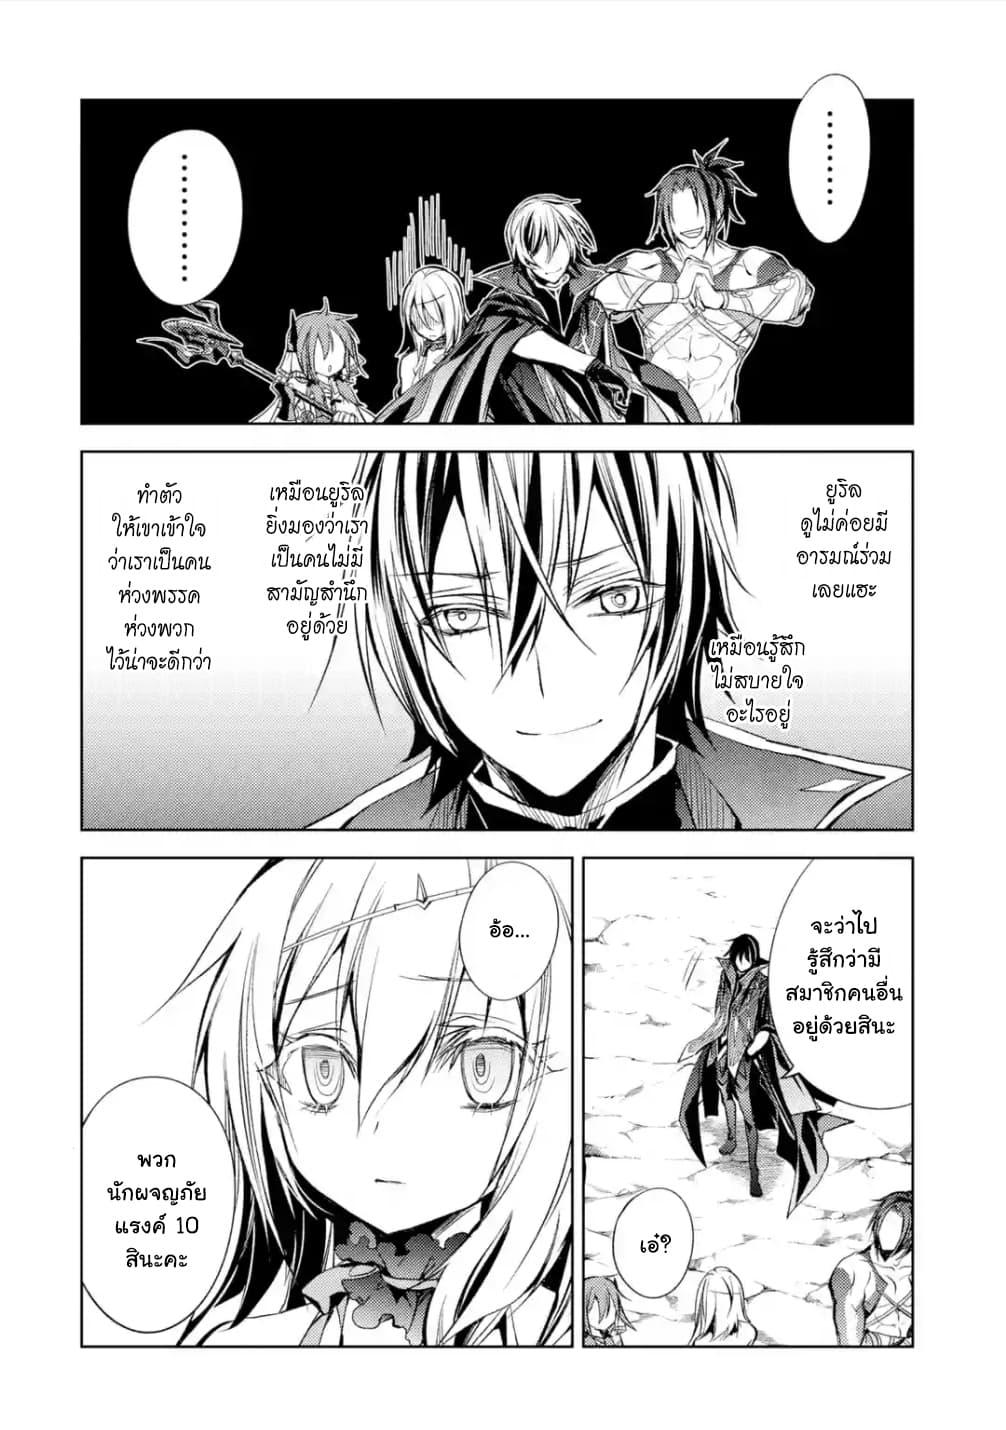 อ่านการ์ตูน Senmetsumadou no Saikyokenja ตอนที่ 4.2 หน้าที่ 13